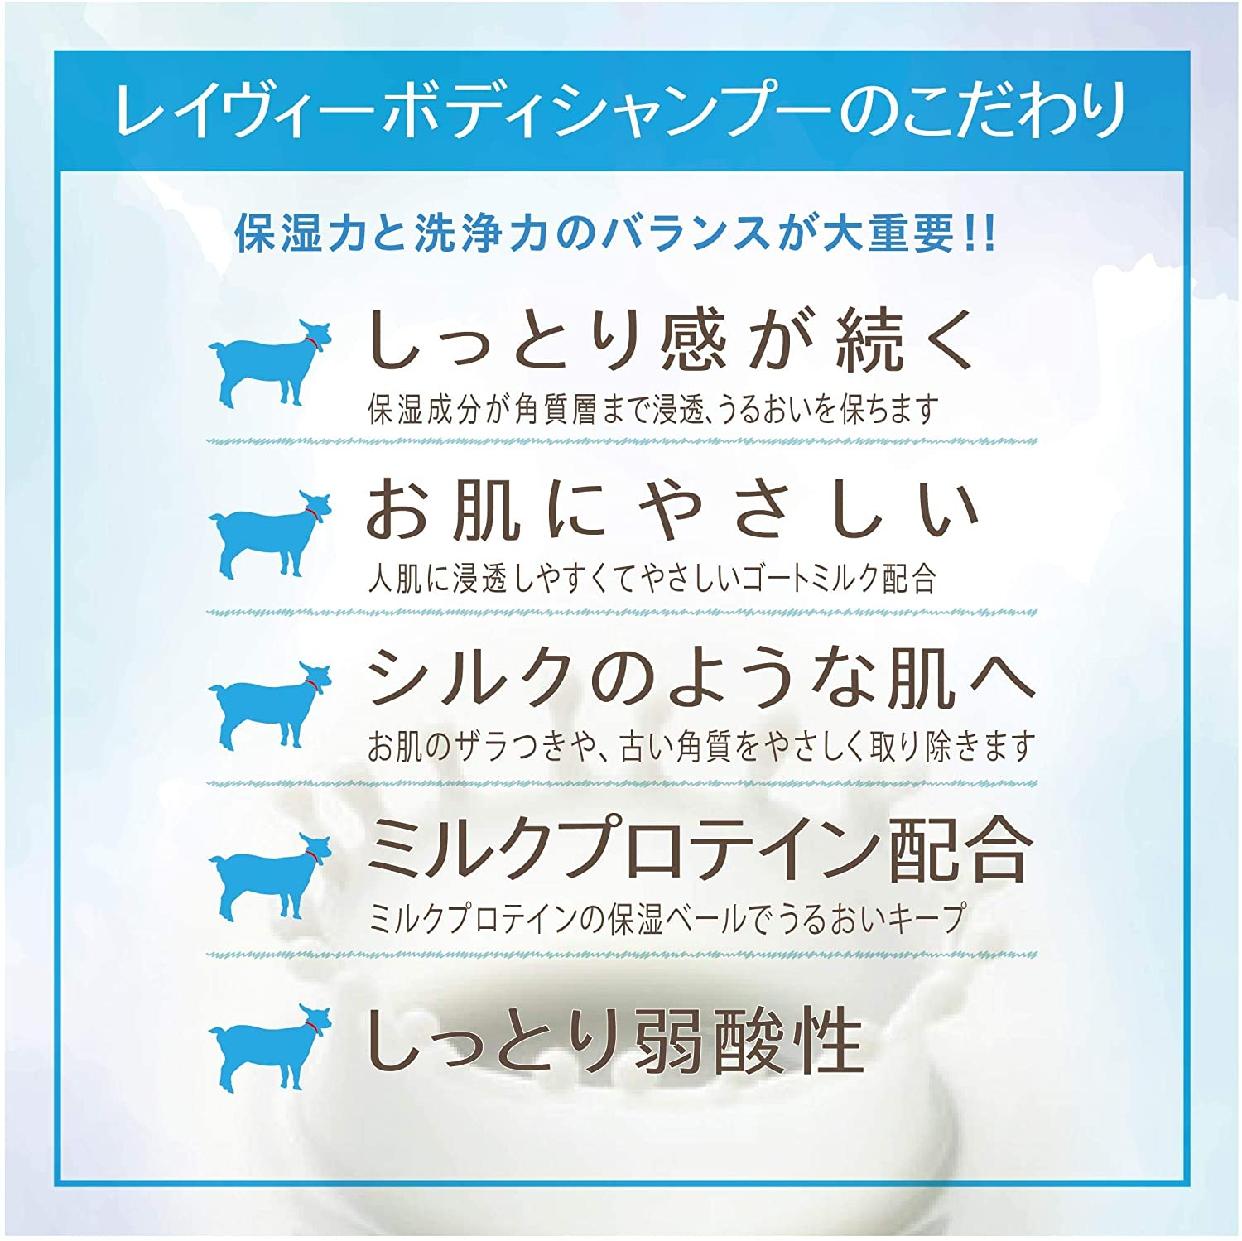 Leivy Naturally(レイヴィー・ナチュラリー)ボディシャンプー ゴートミルク&ミルクプロテインの商品画像4